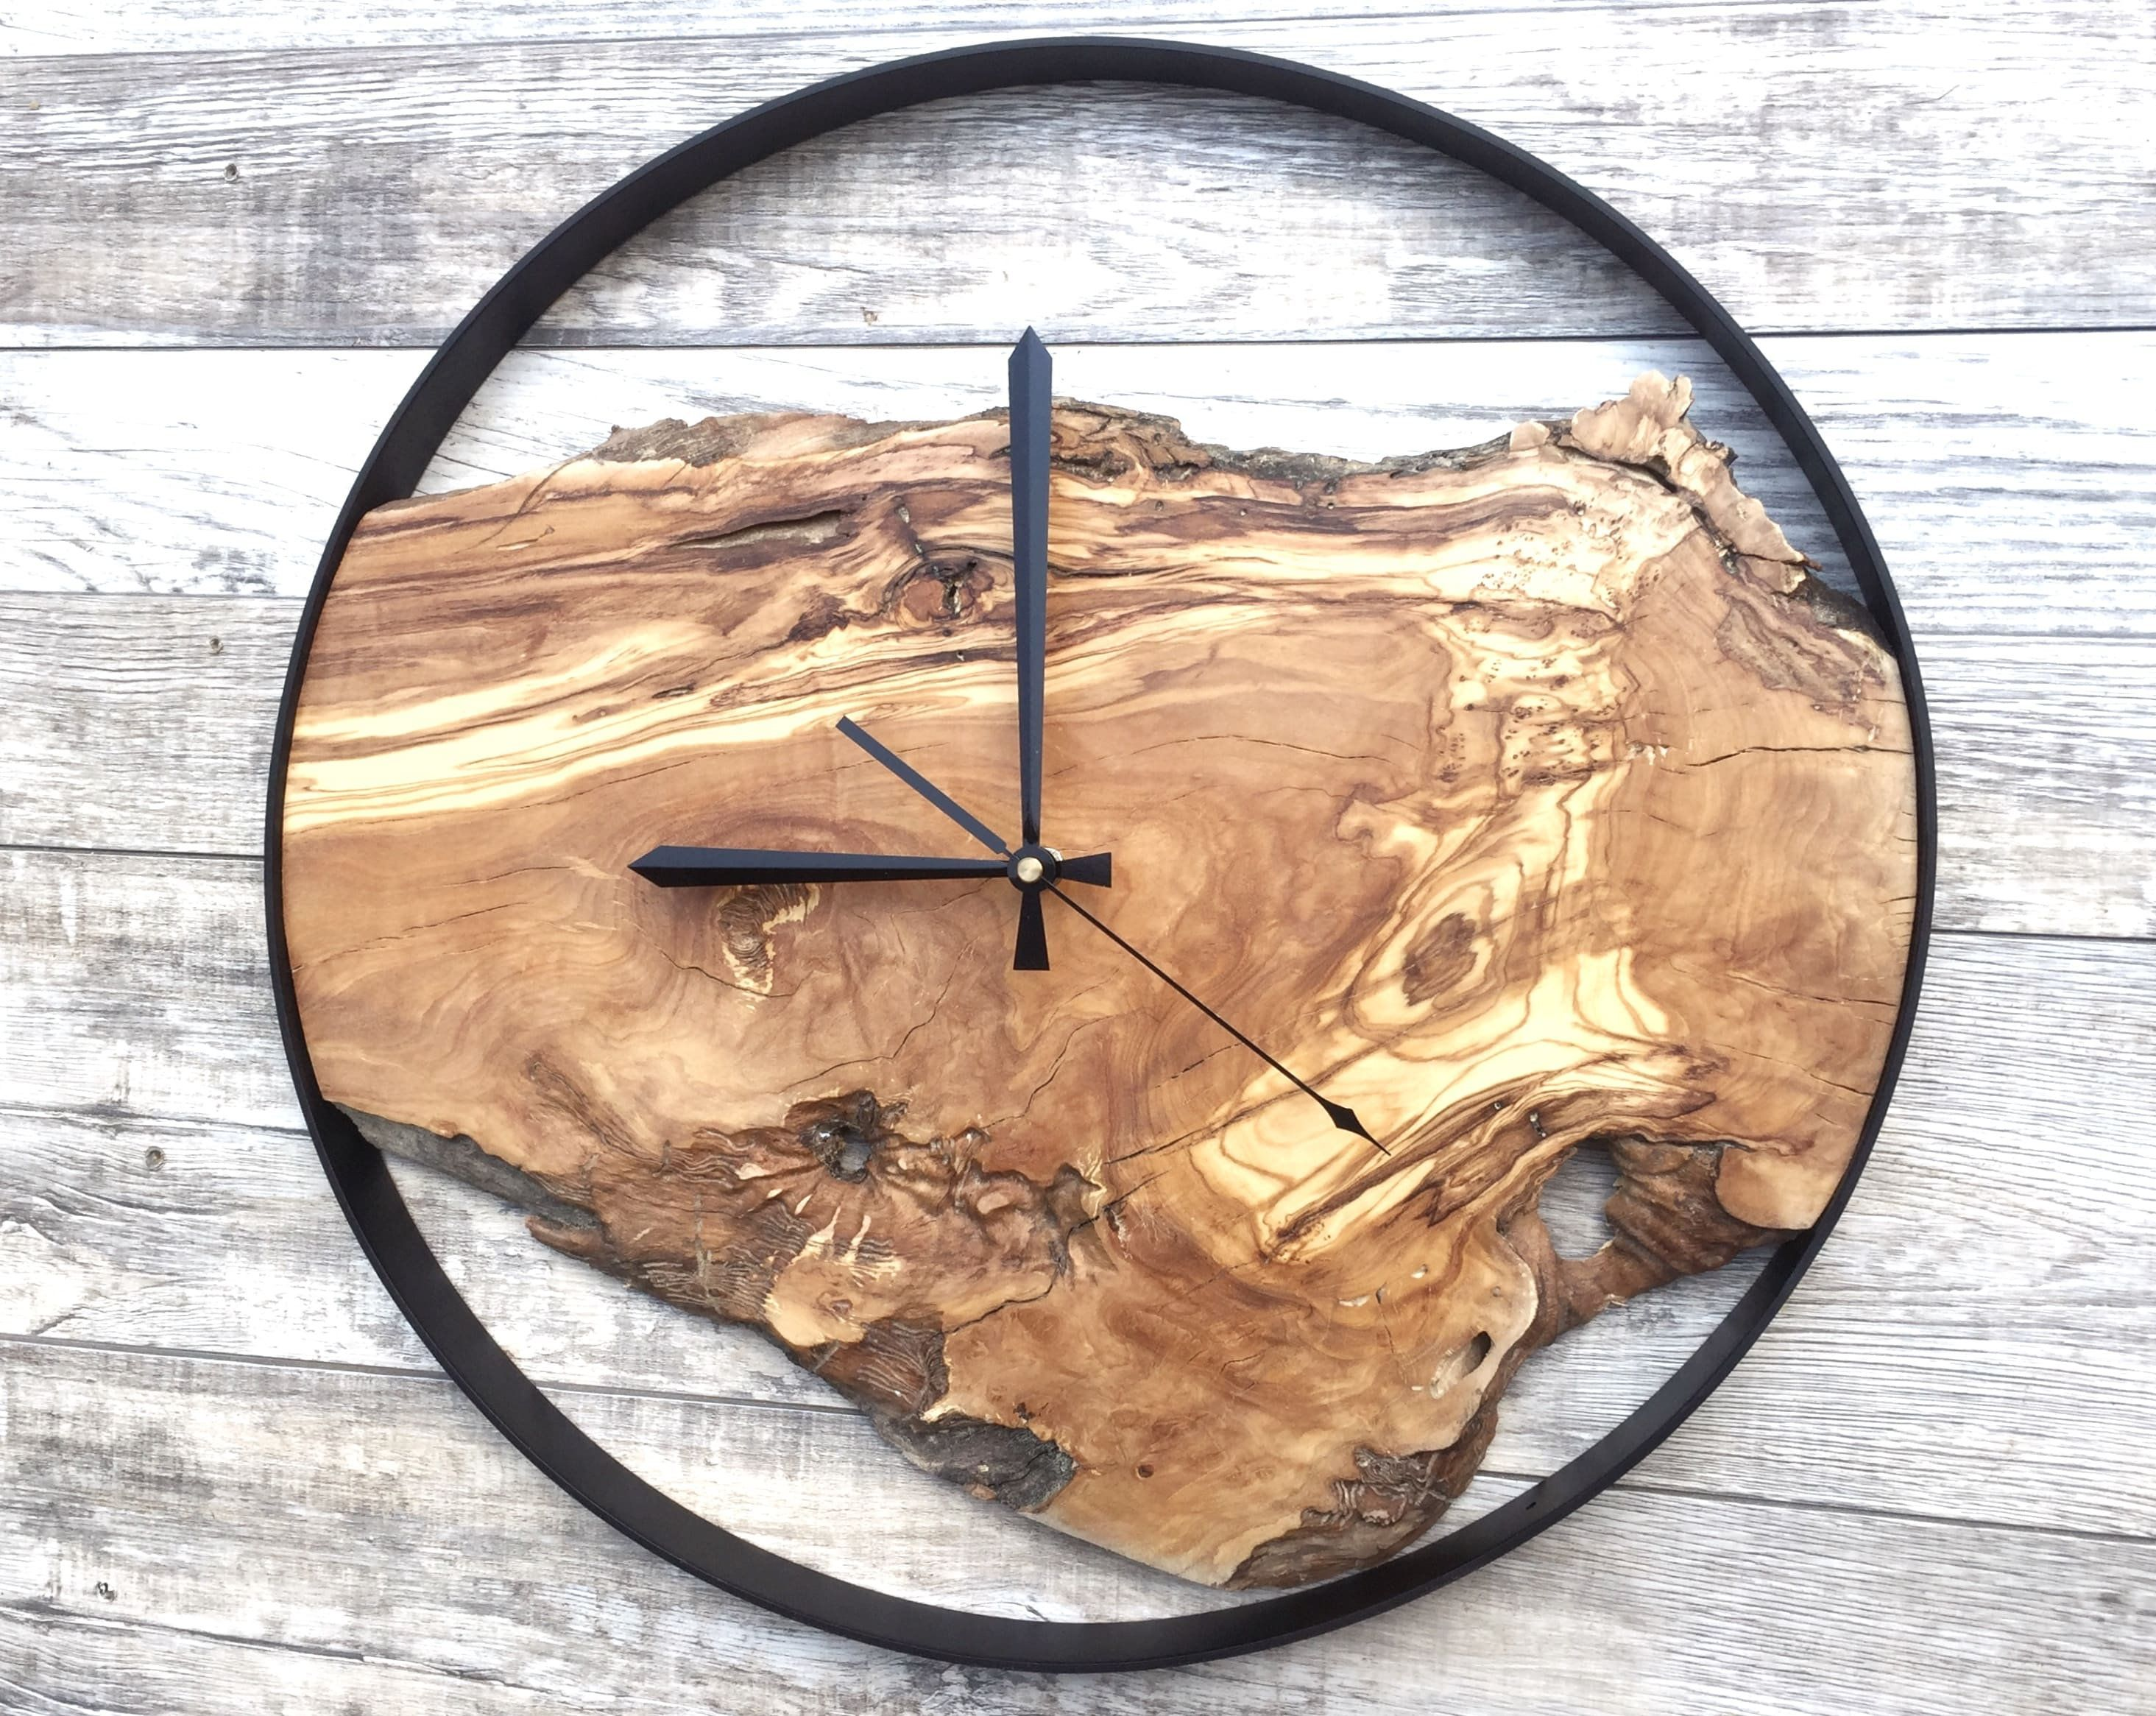 Wood Wall Clock Large Wall Clock Rustic Clock Reclaimed Wood Clock Wooden Clock Unique Wall Clock By Woodc Wood Clock Design Wall Clock Design Wood Clocks